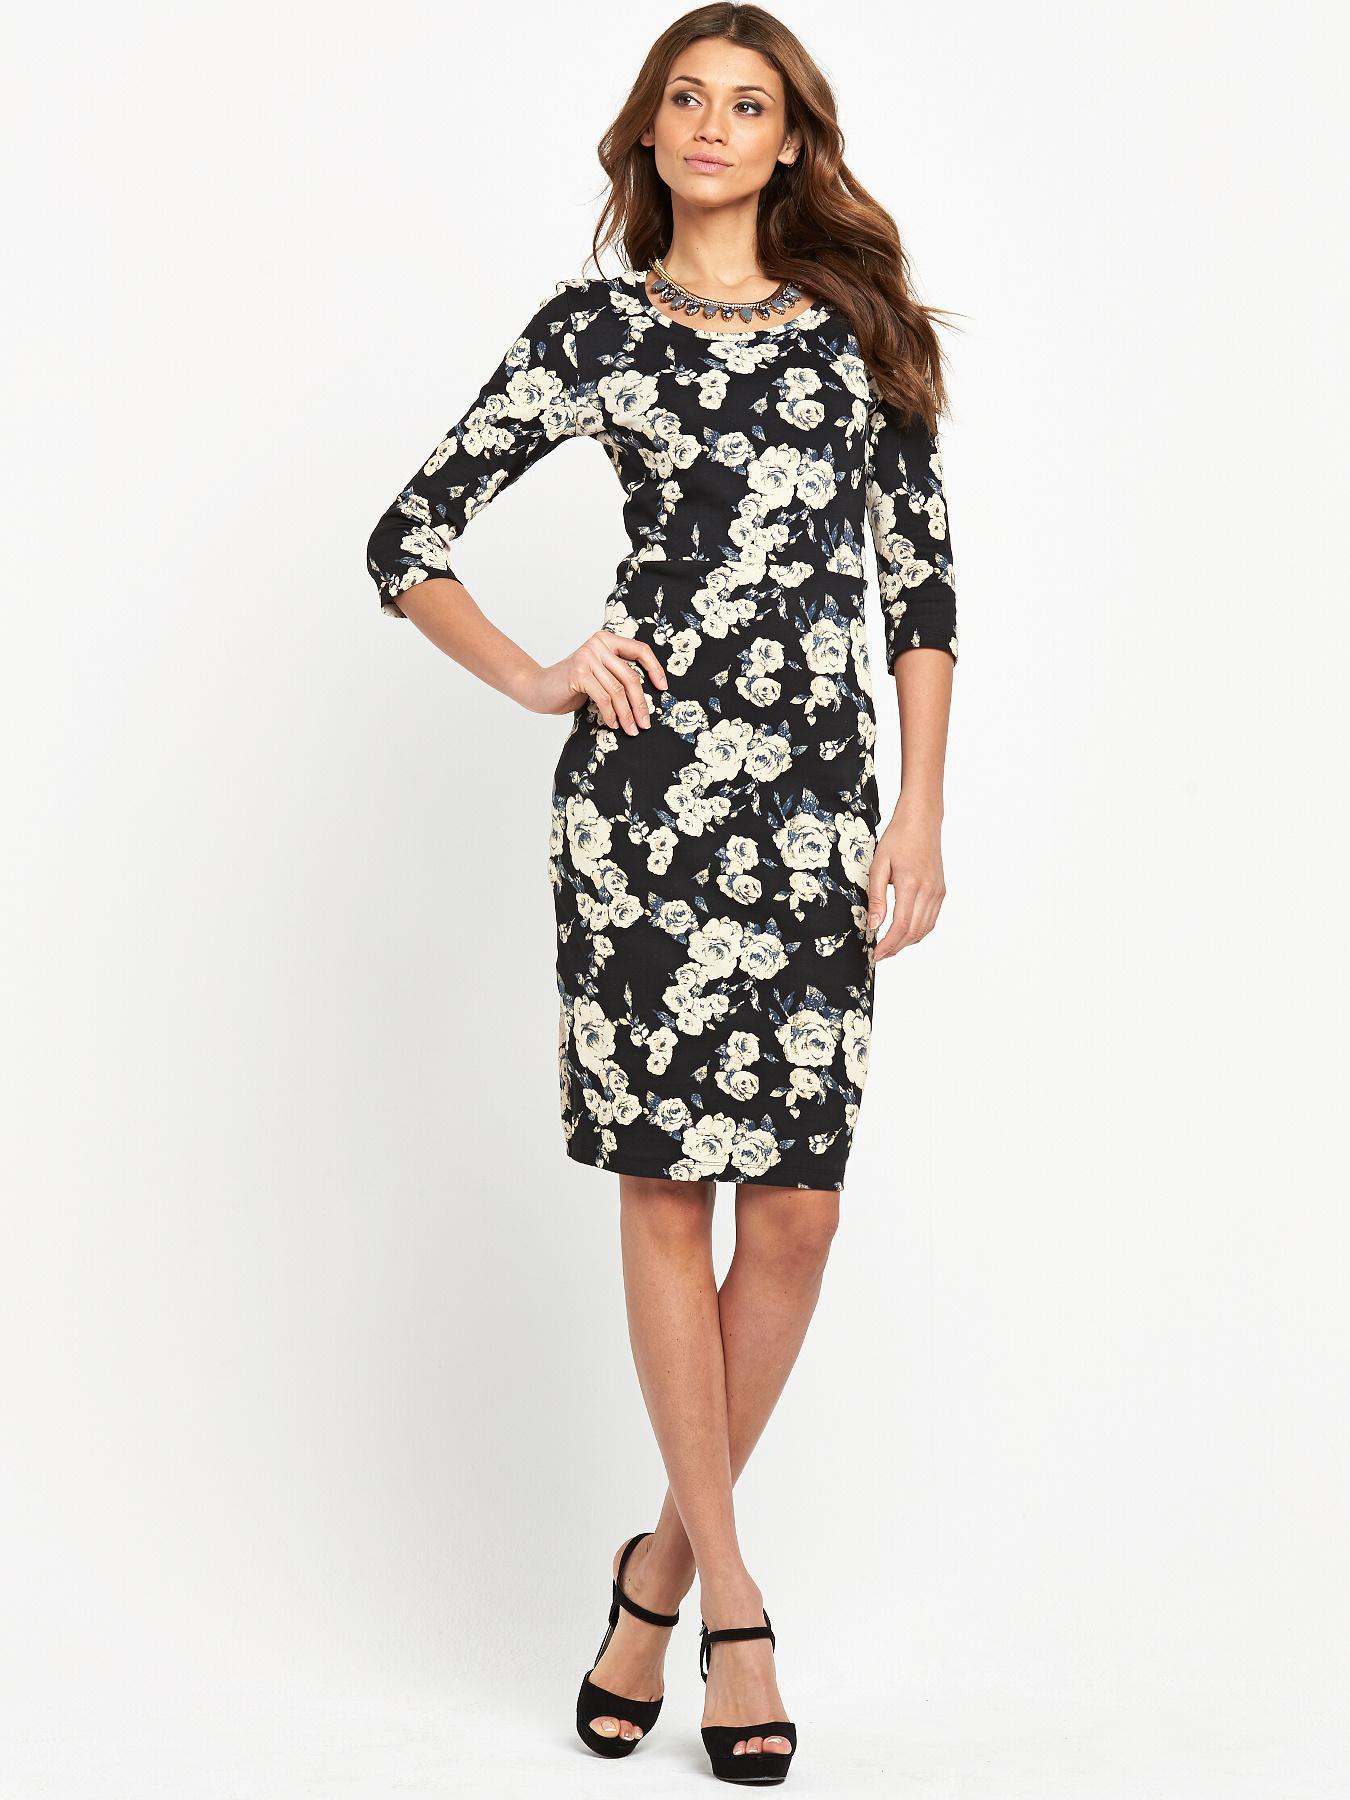 Vero Moda Cappuccino Flower Midi Dress